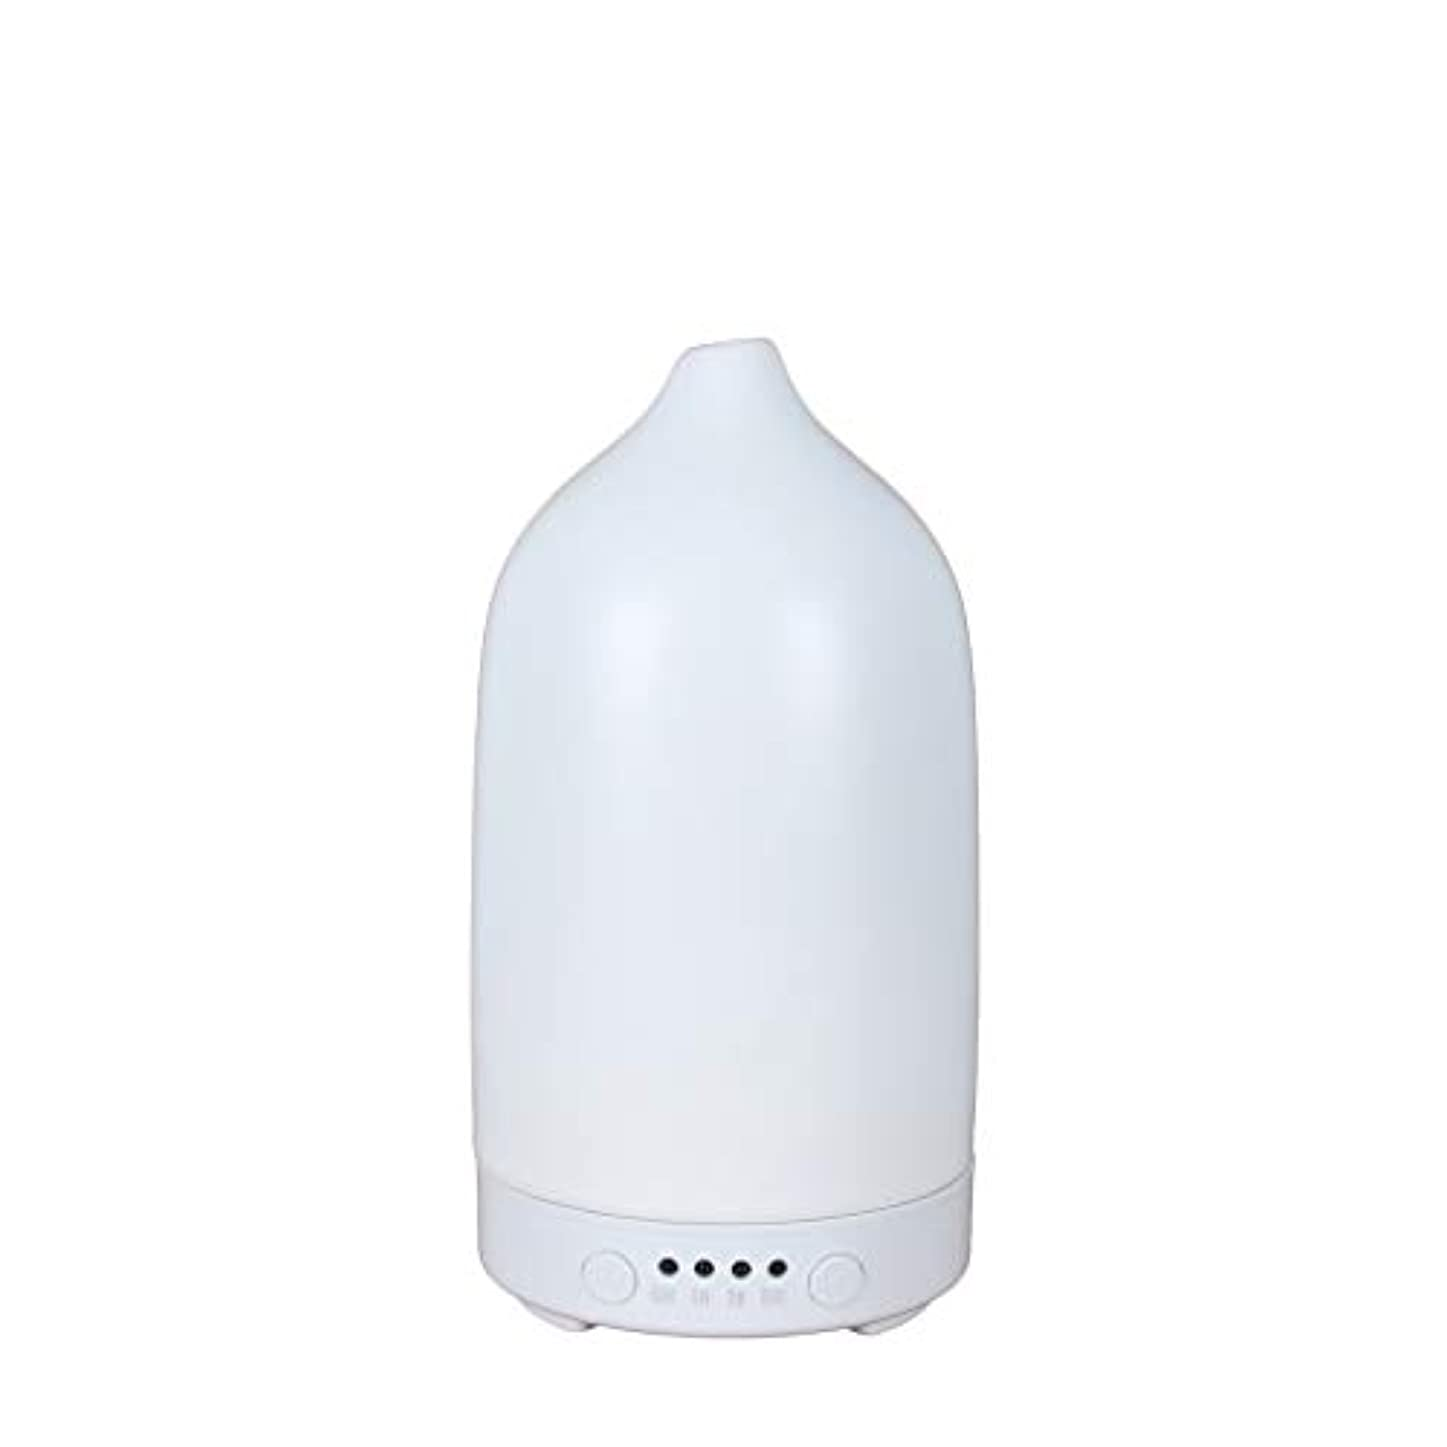 アレンジ効能音声加湿器卓上USB型加湿器殺菌加湿エアーフレッシュナー落下水漏れ防止超音波式加湿器超音波式卓上型大容量超静音長時間連続運転乾燥対策調整可能なミストブロー消音 (A)